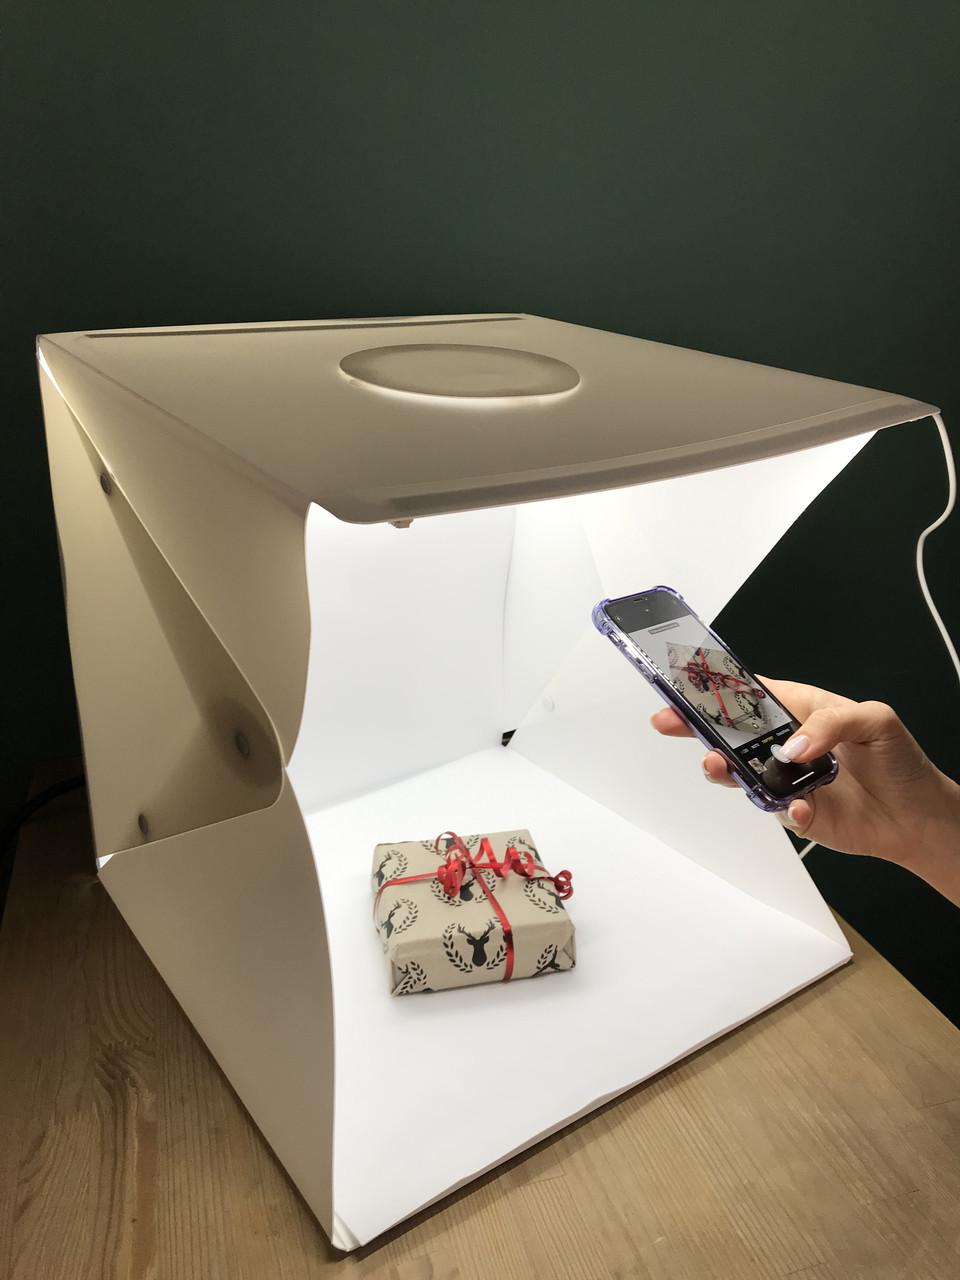 Світловий лайткуб, photobox з LED підсвічуванням